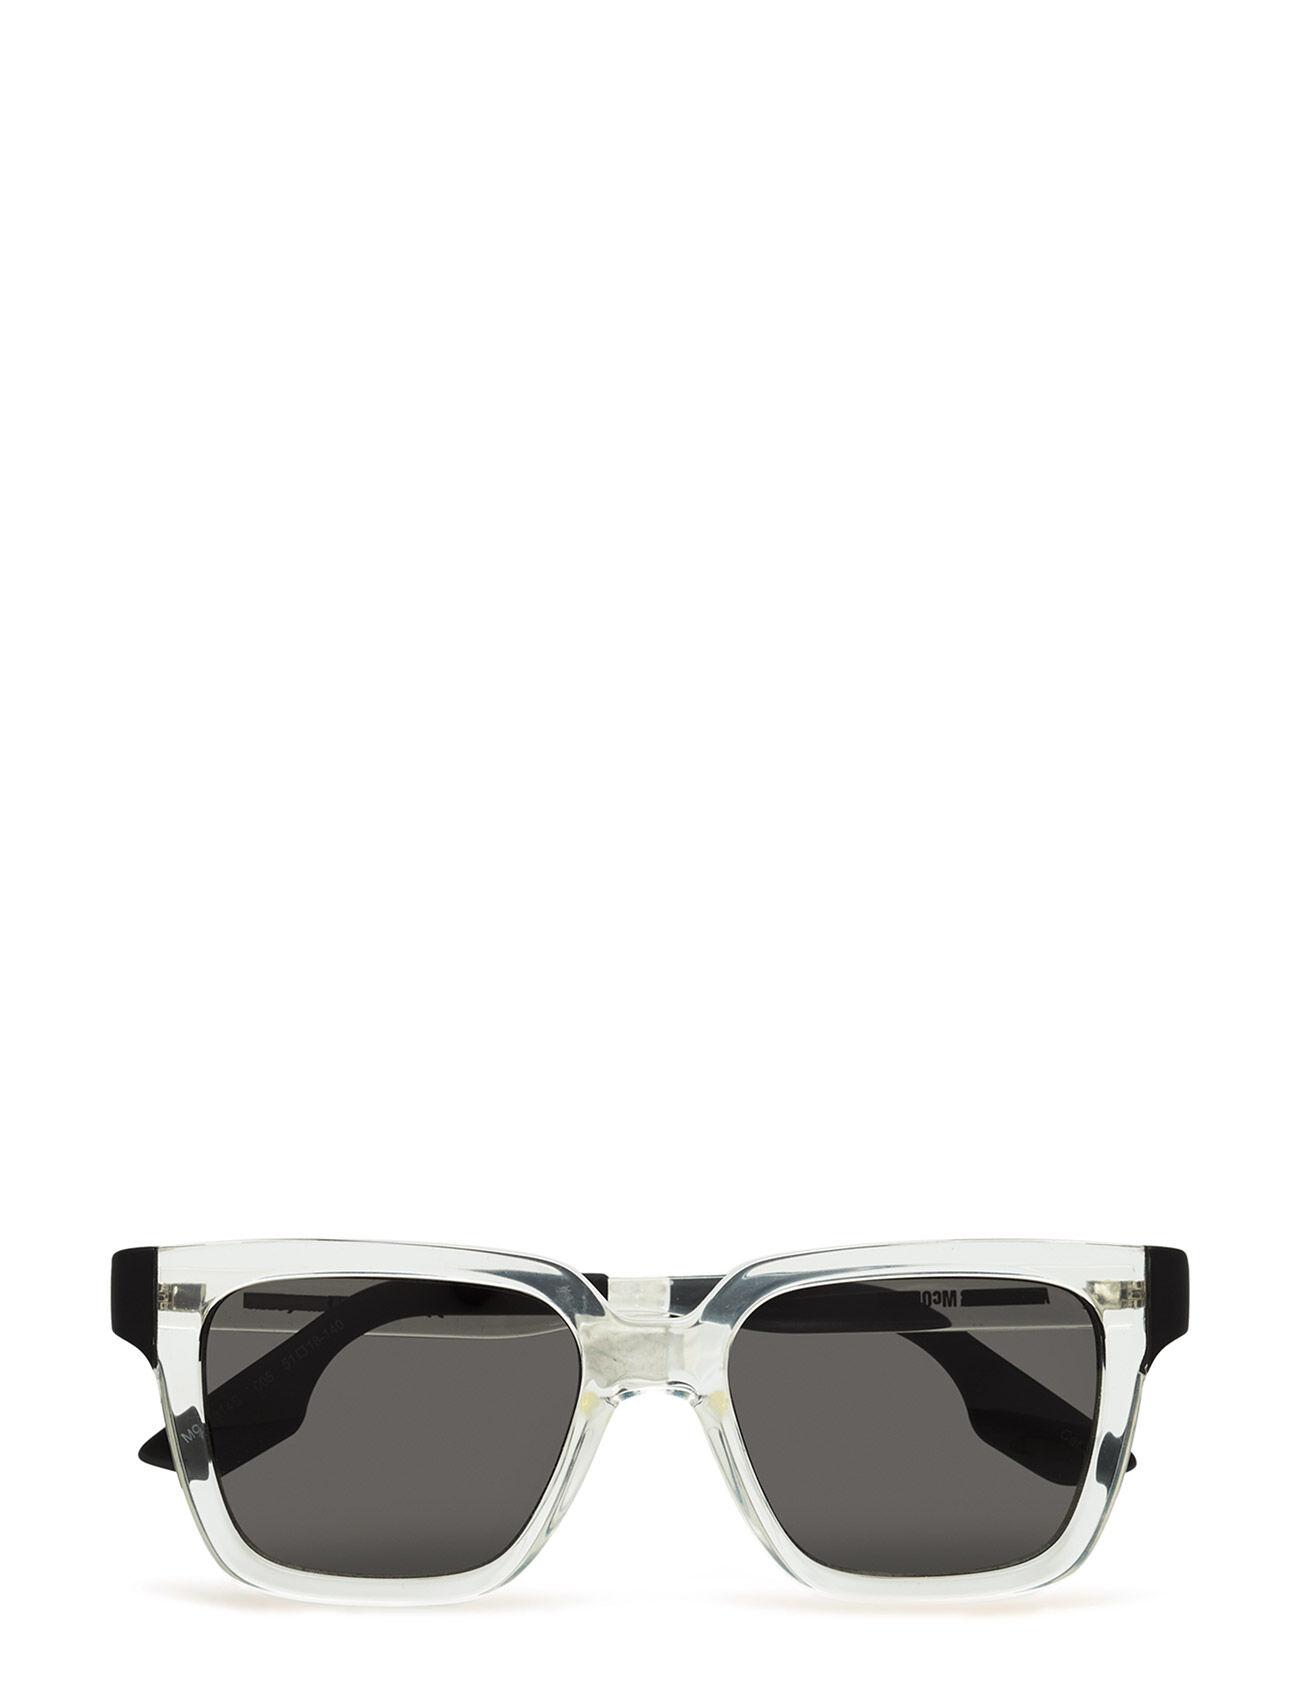 McQ Eyewear Mq0014s